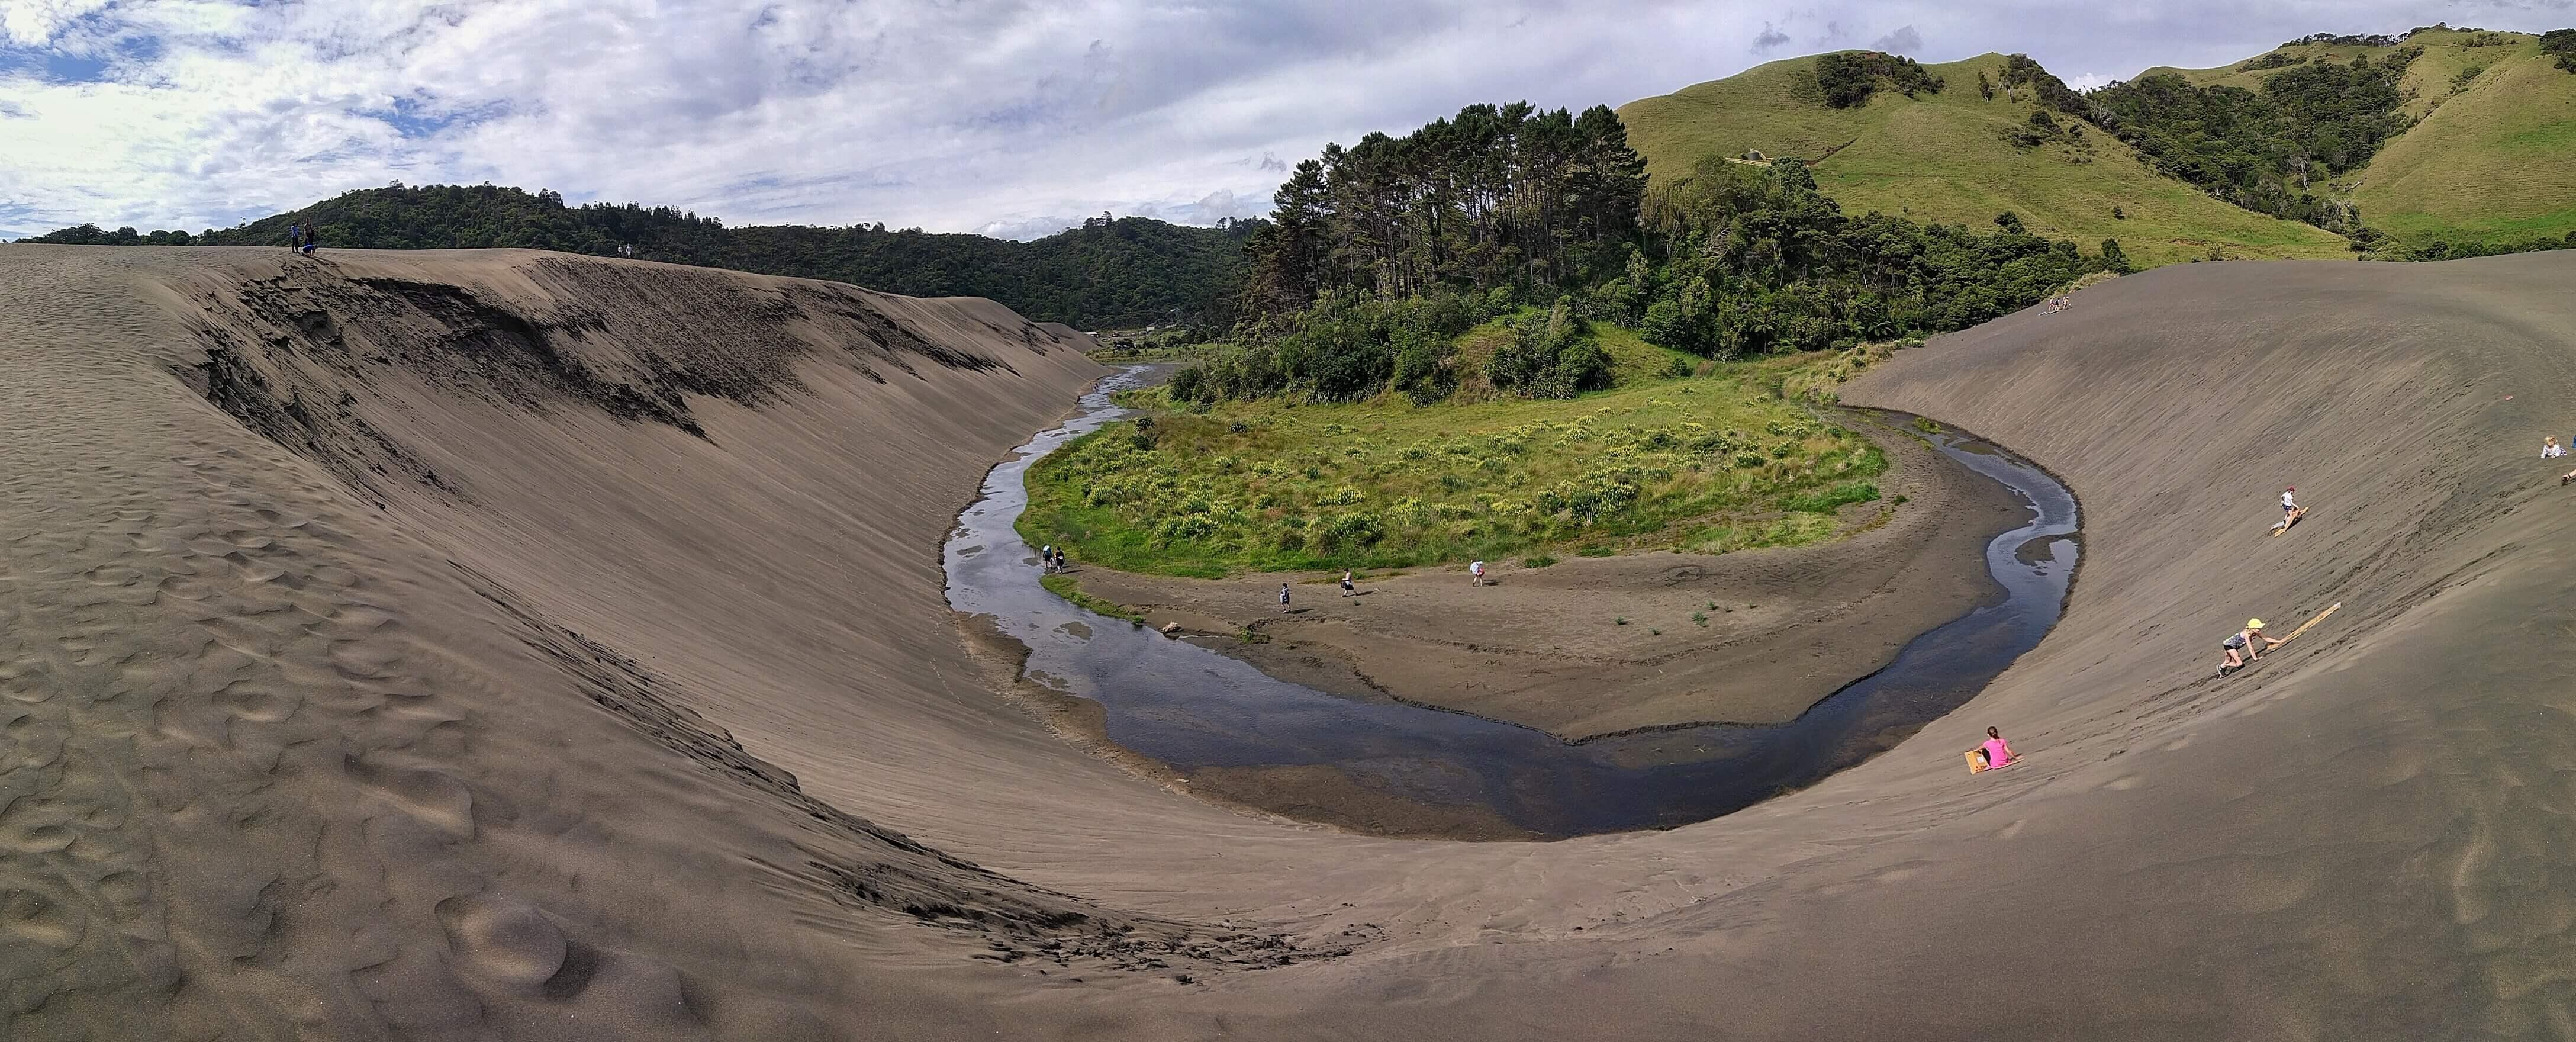 stunning photo of the lake wainamu